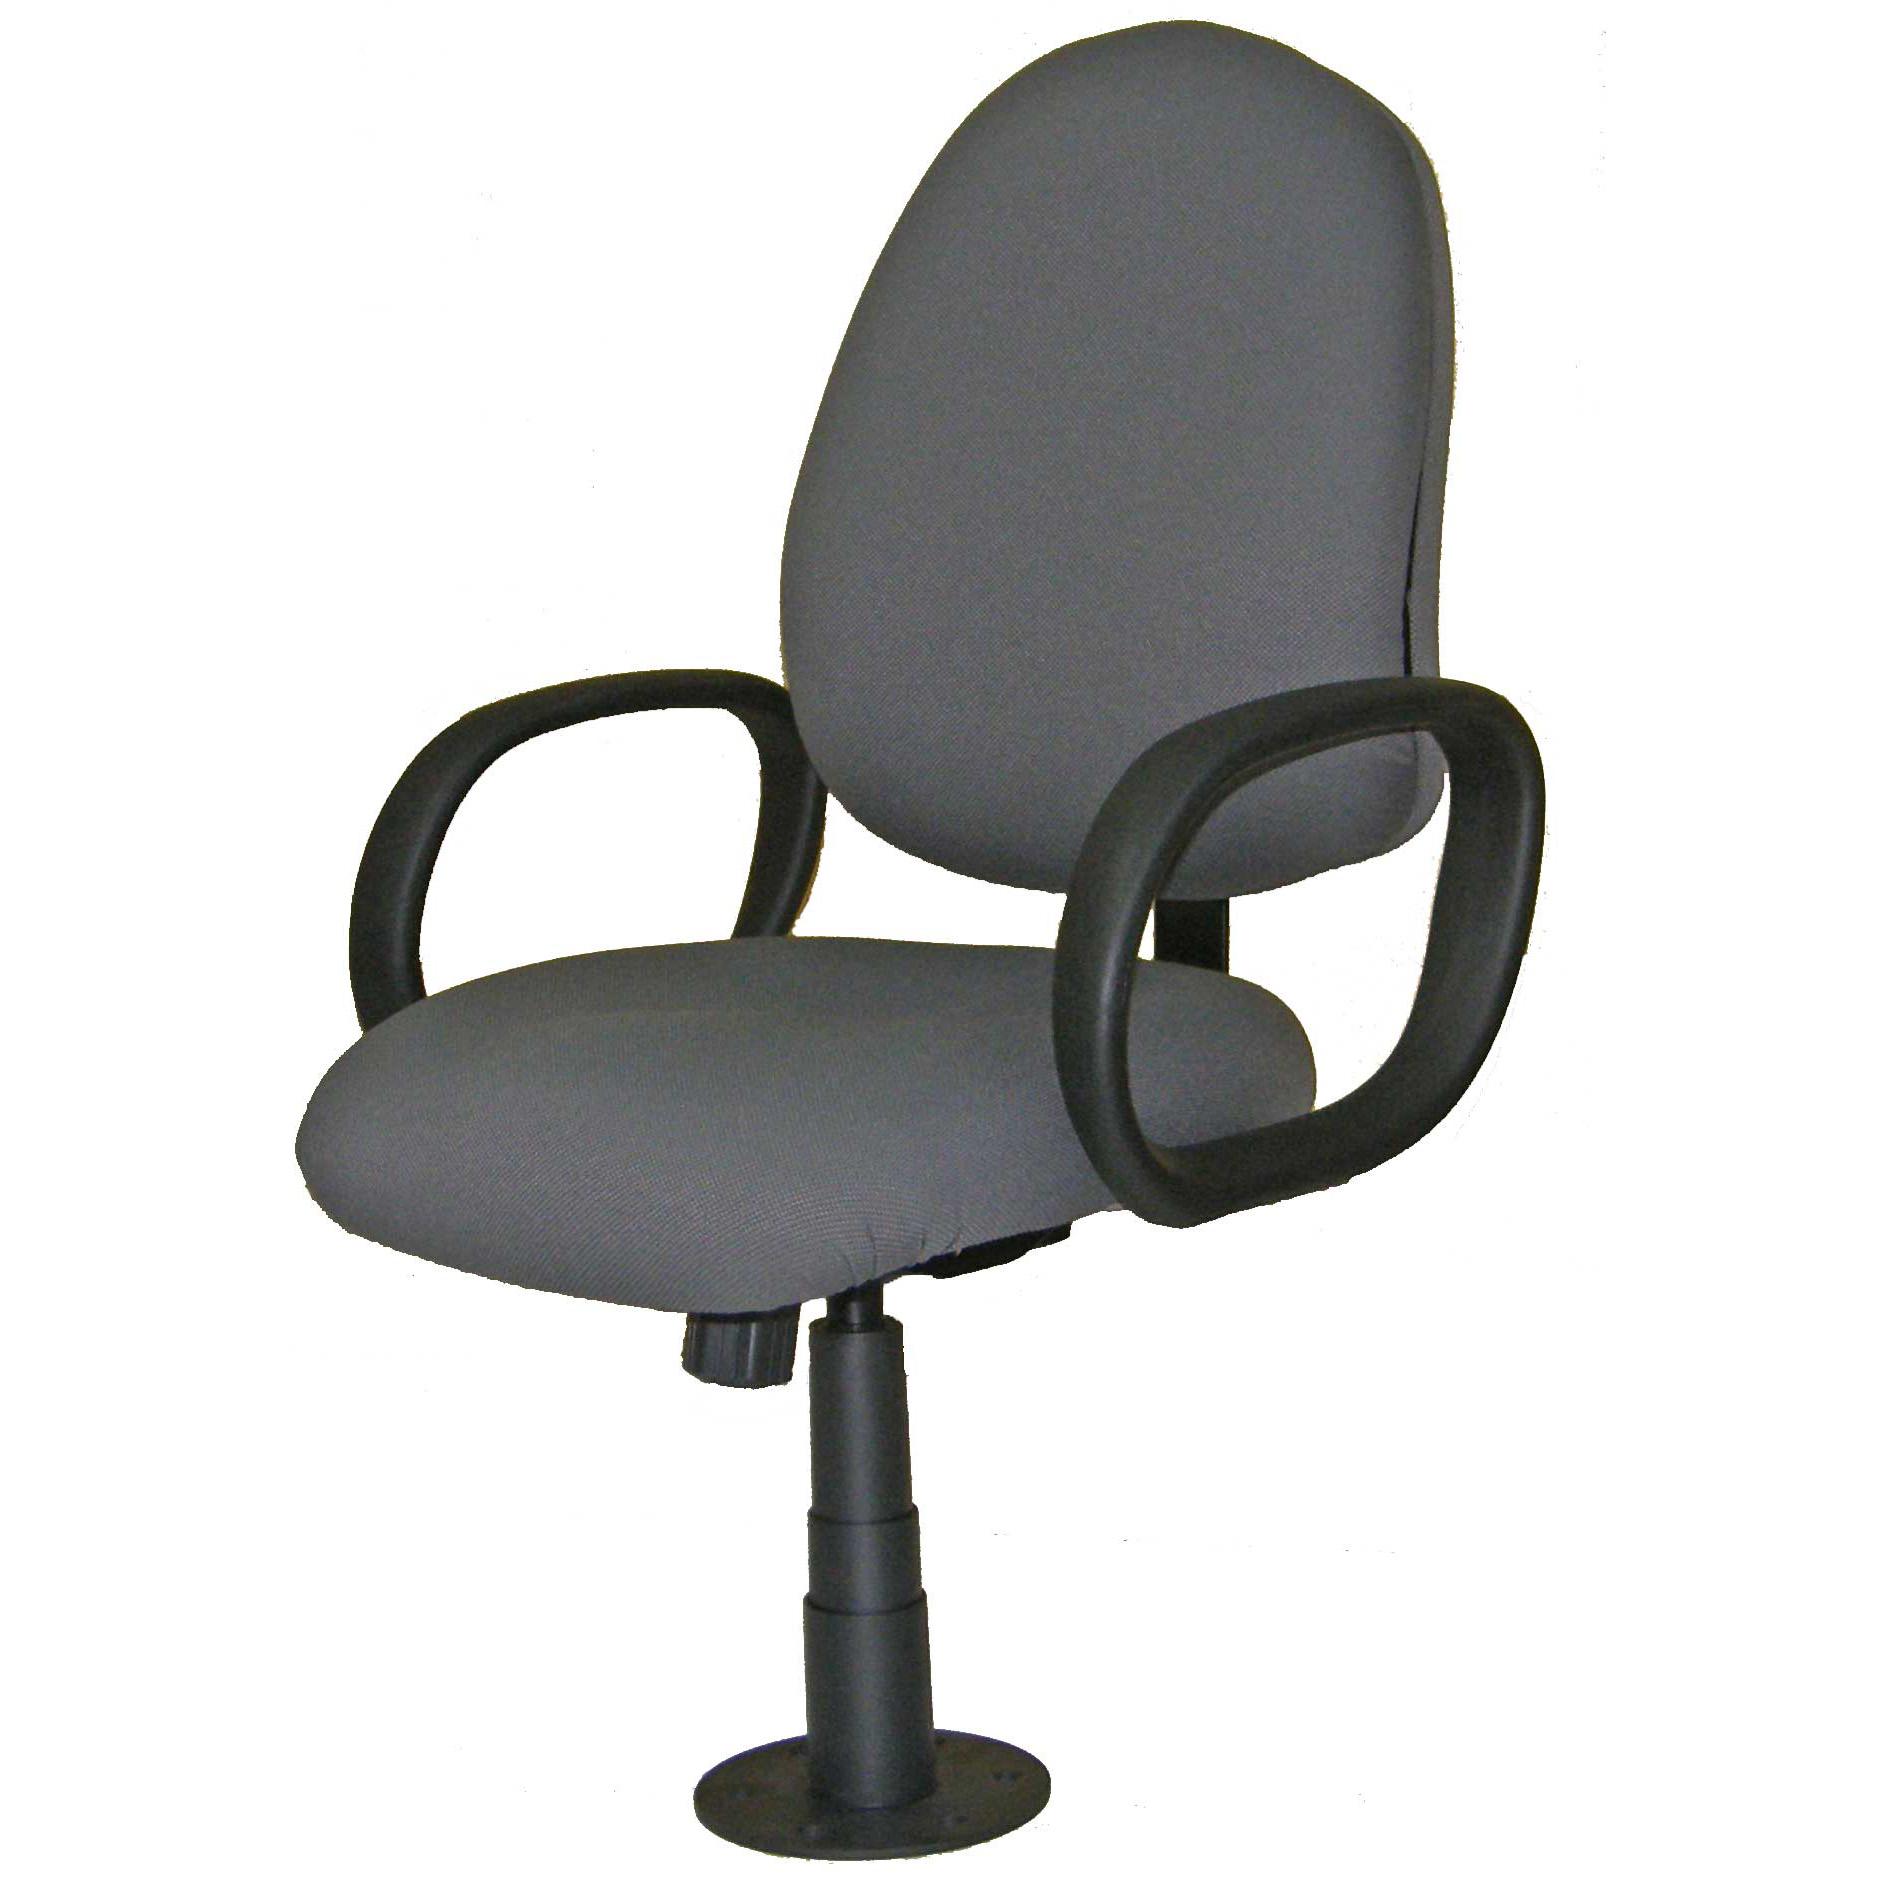 Jury Room Pedestal Base Chair  sc 1 st  Ch&ion Seating & The HUDDLE-UP ... Jury Room Pedestal Base Chair - Champion ...